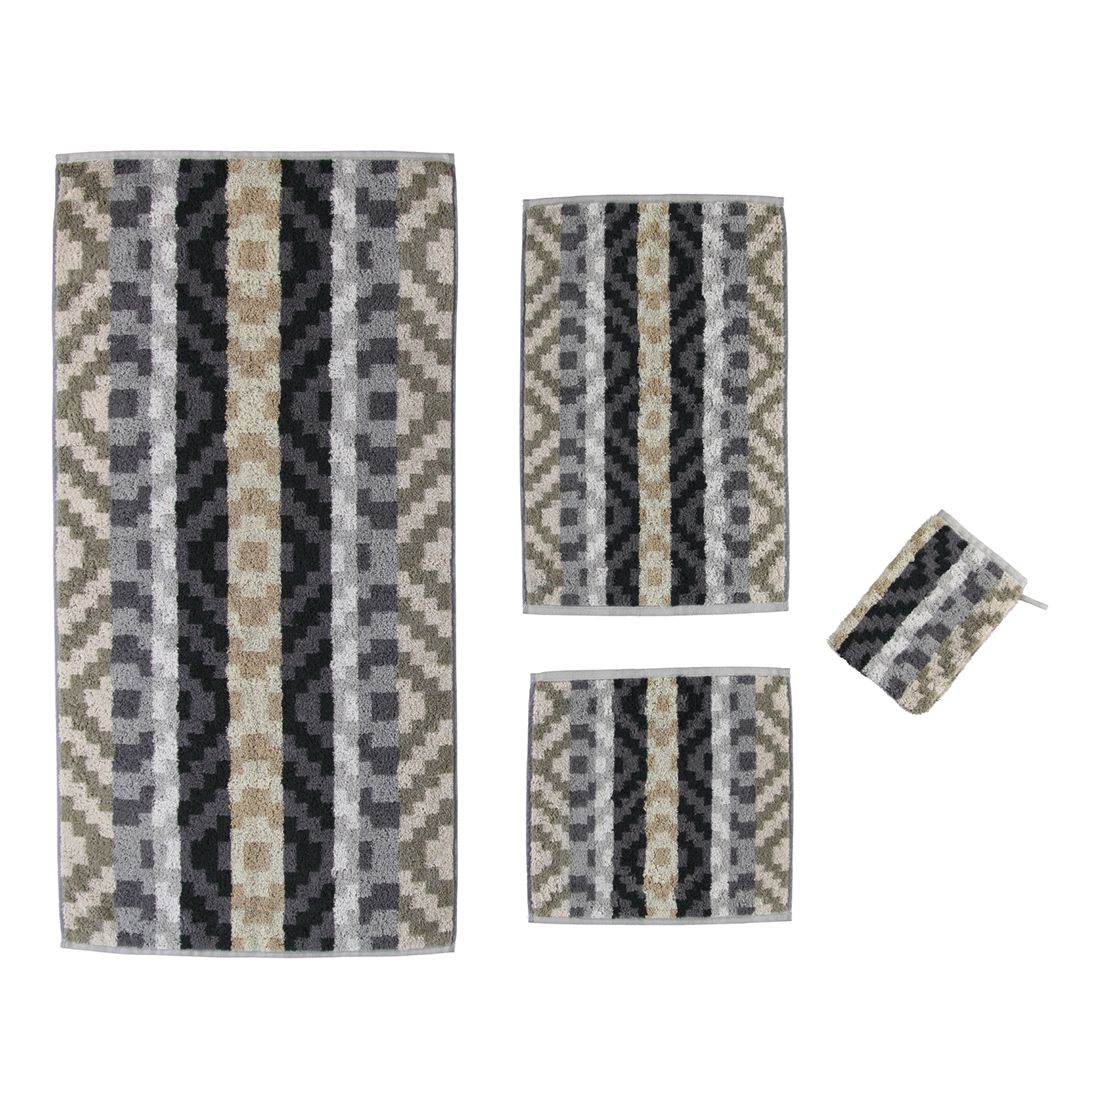 Handtuch Marrakesch – 100% Baumwolle stein – 33 – Gästetuch: 30 x 50 cm, Cawö kaufen